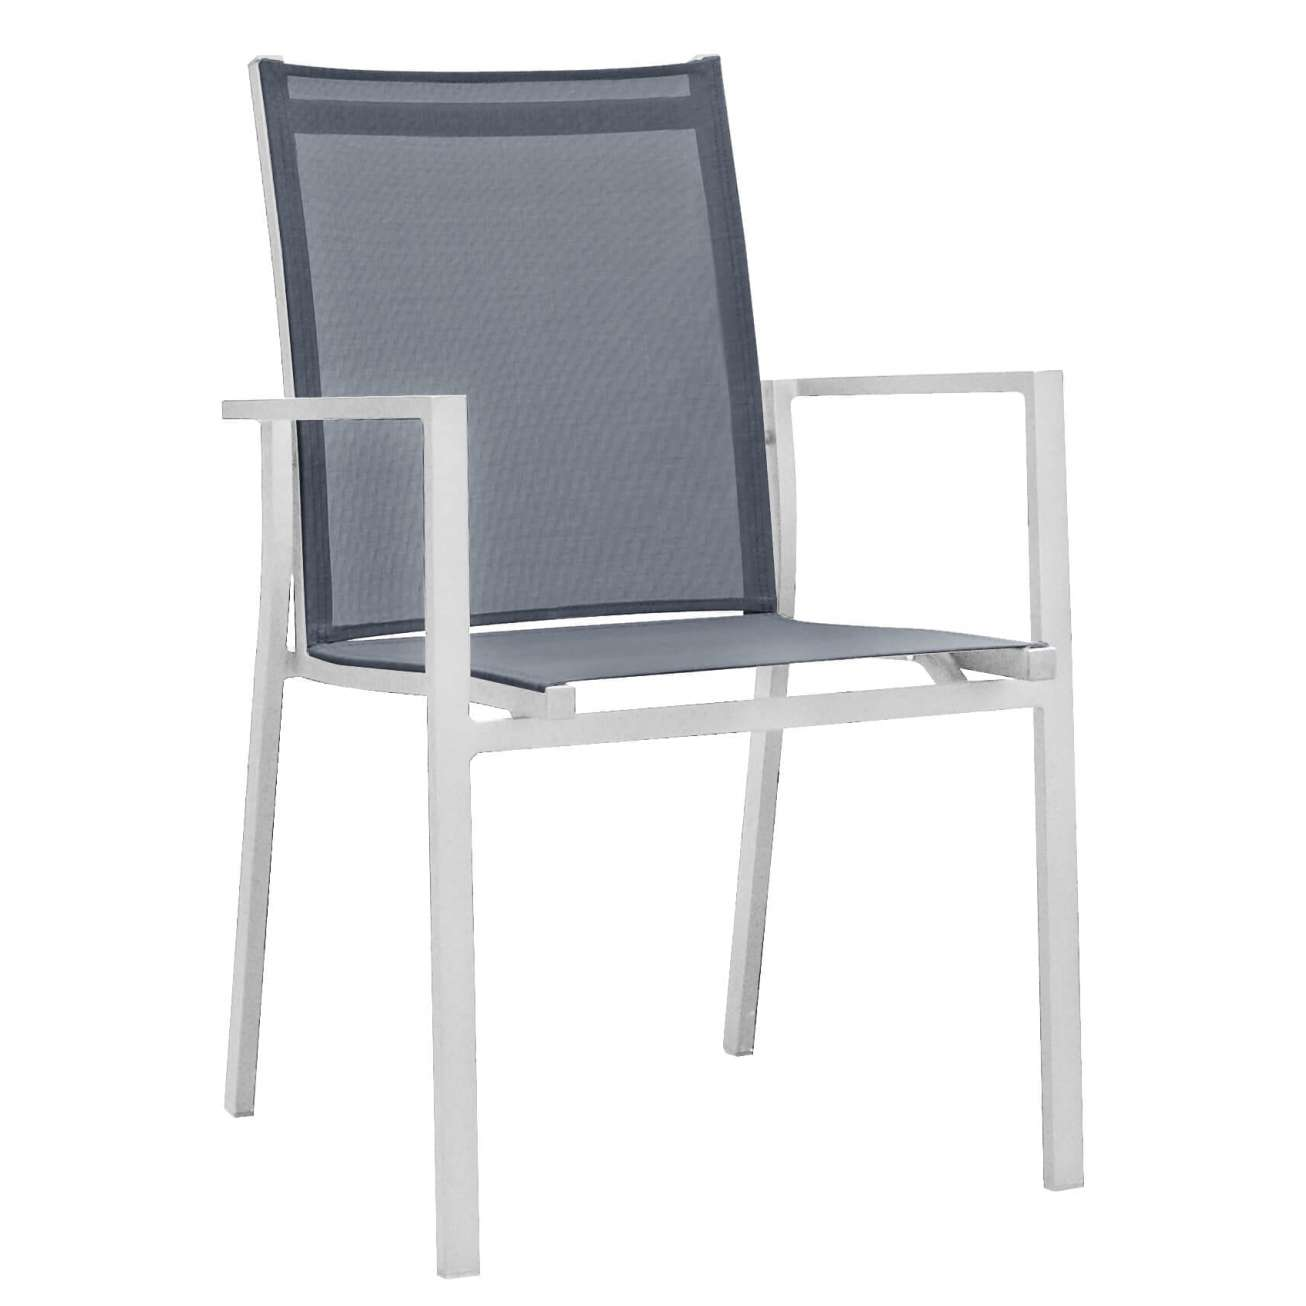 Stablebar spisestol i hvit aluminium med sort textilene i rygg og sete